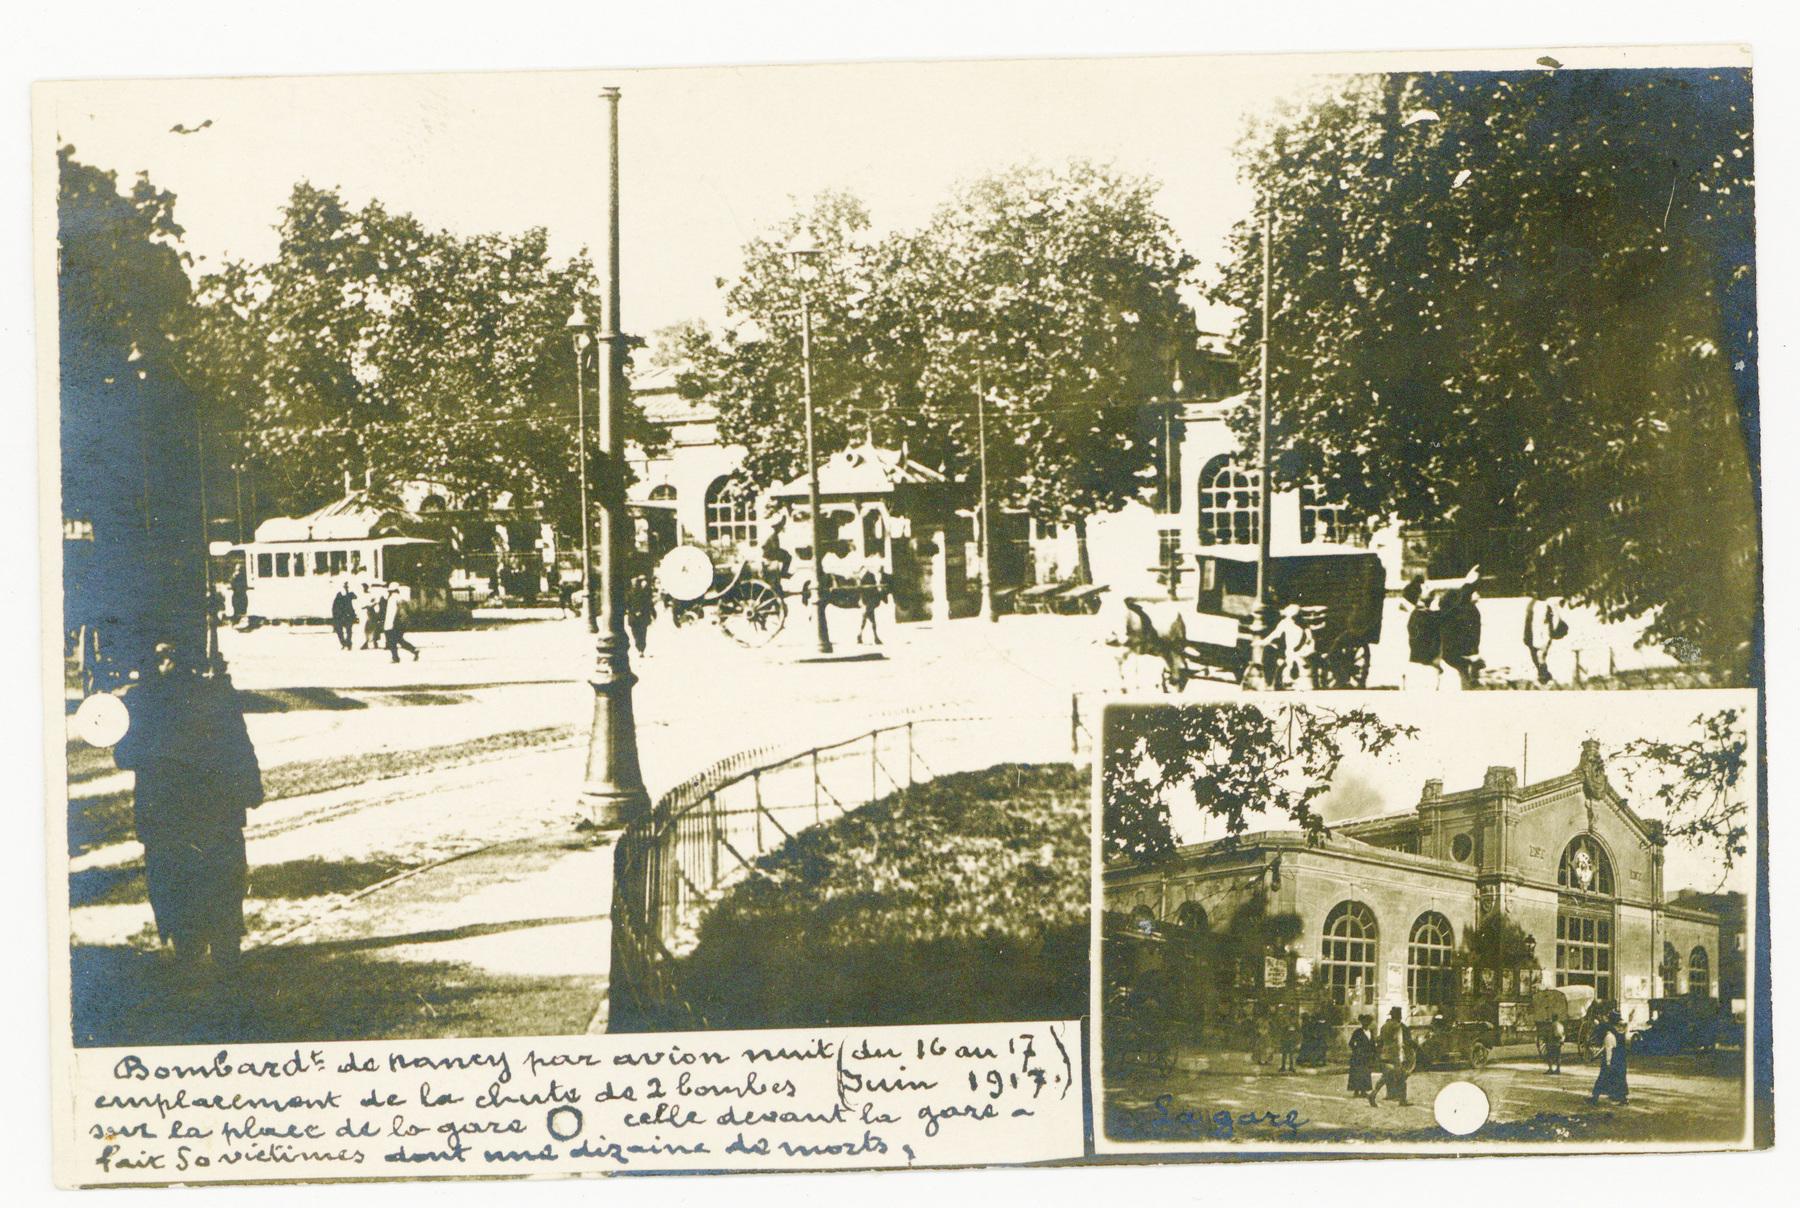 Contenu du Bombardement de juin 1917, place de la Gare.